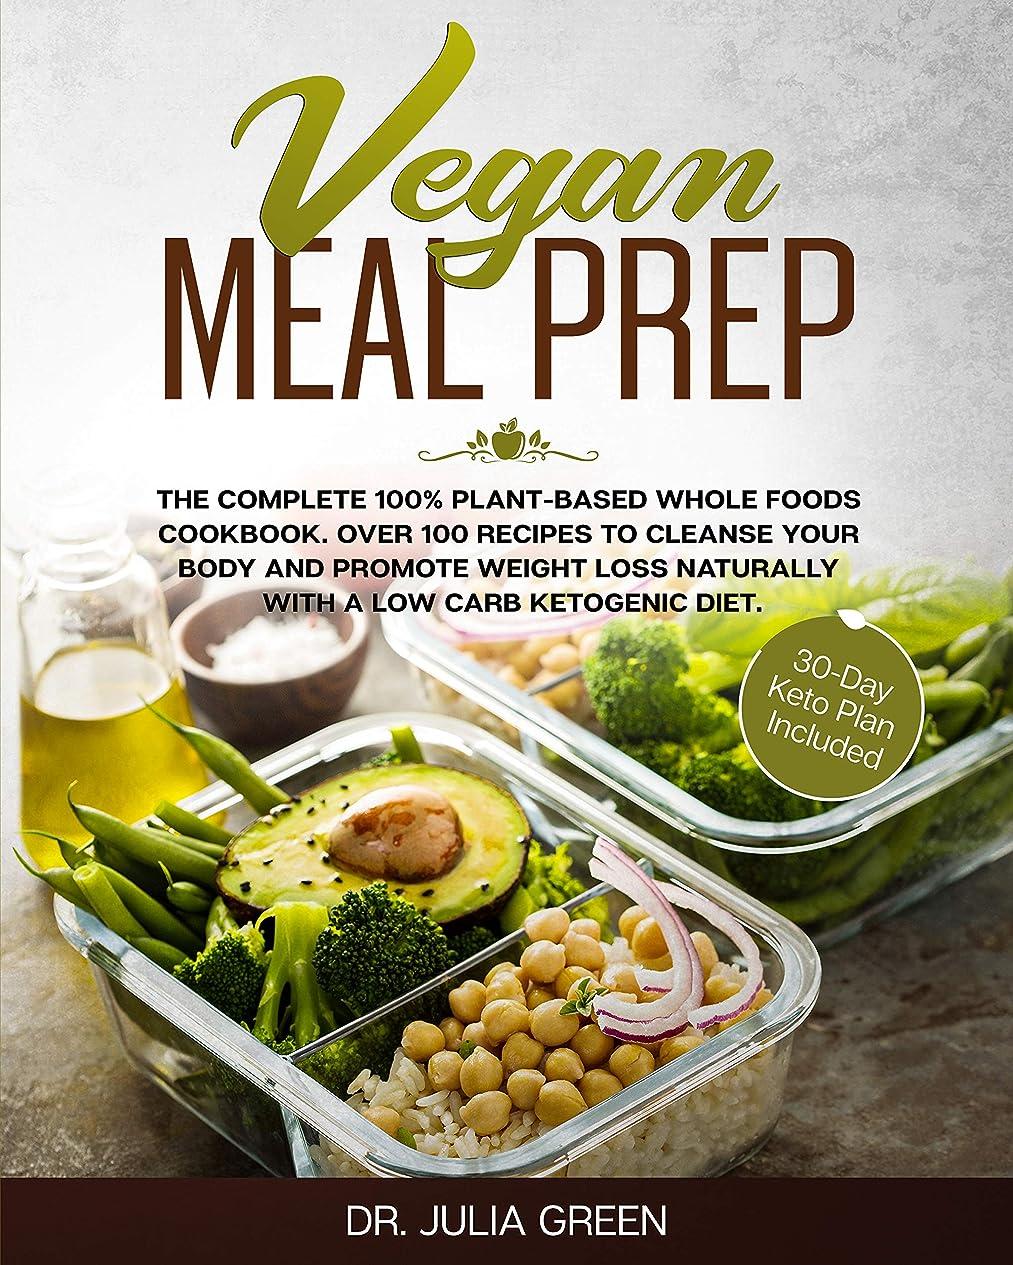 苦情文句手書きヒープVegan Meal Prep: The Complete 100% Plant-Based Whole Foods Cookbook. Over 100 Recipes to Cleanse Your Body and Promote Weight Loss Naturally With a Low ... Keto Plan Included) (English Edition)